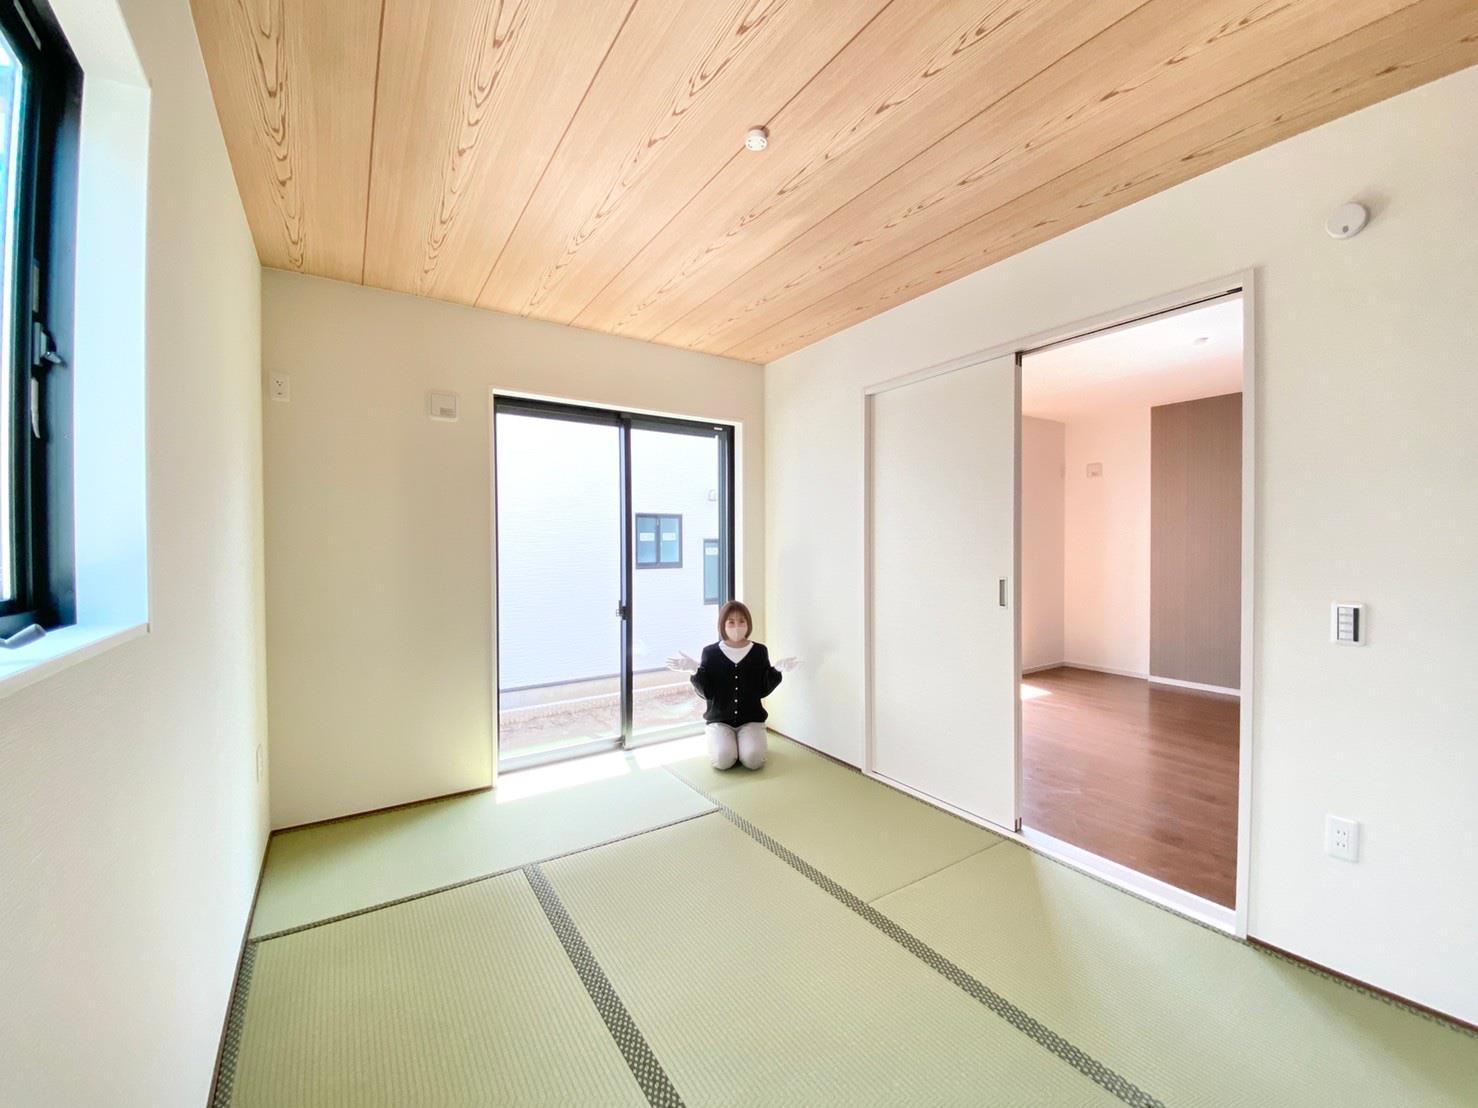 和室*和室|扉付きの和室なのでプライベートな空間にもなります。ご両親がお泊りになっても、ぬくもりを感じられる和室でゆっくりとお寛ぎいただけます♪